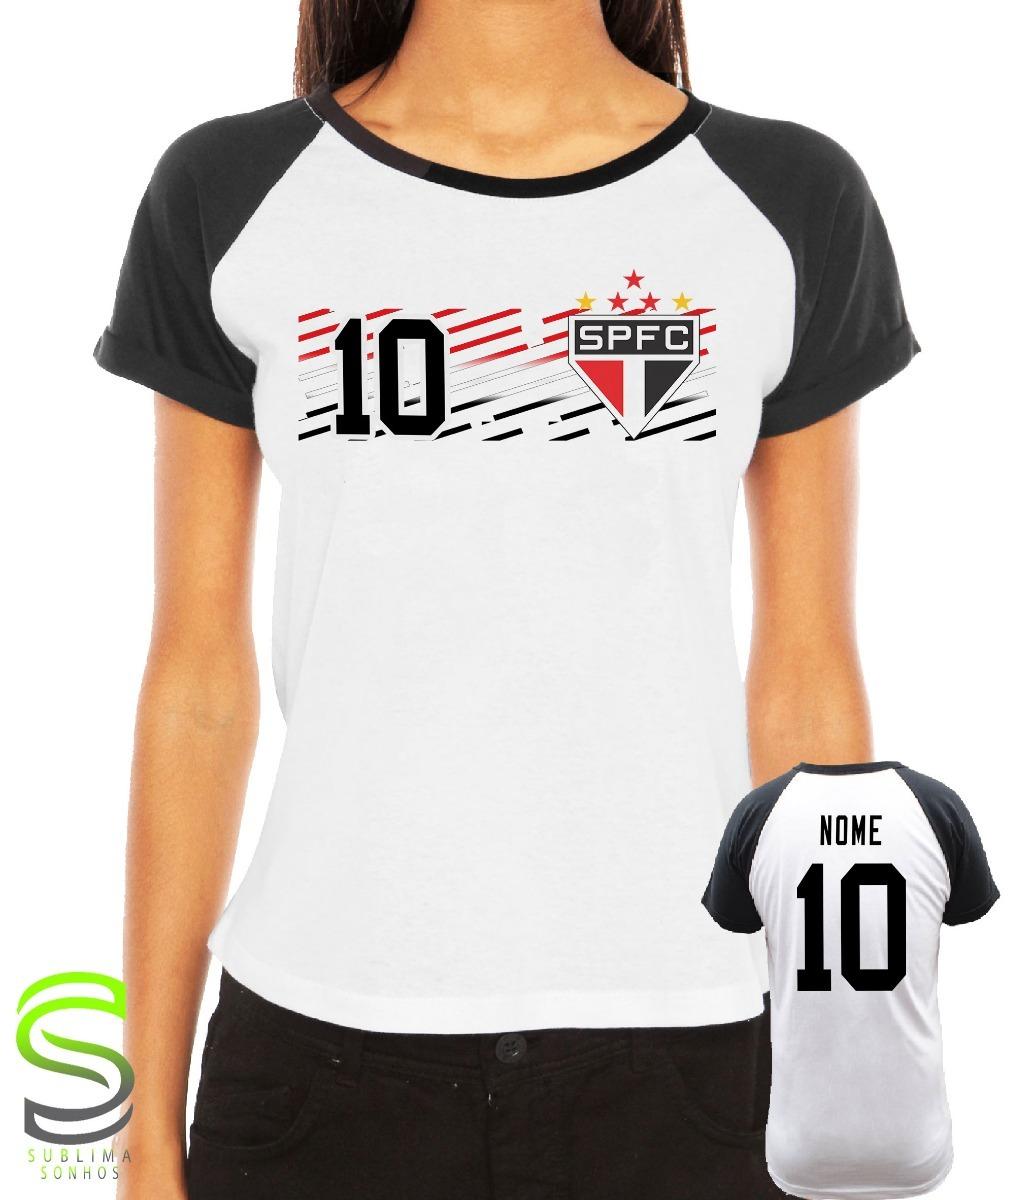 a4c4fecd4 camiseta são paulo feminina personalizada. Carregando zoom.